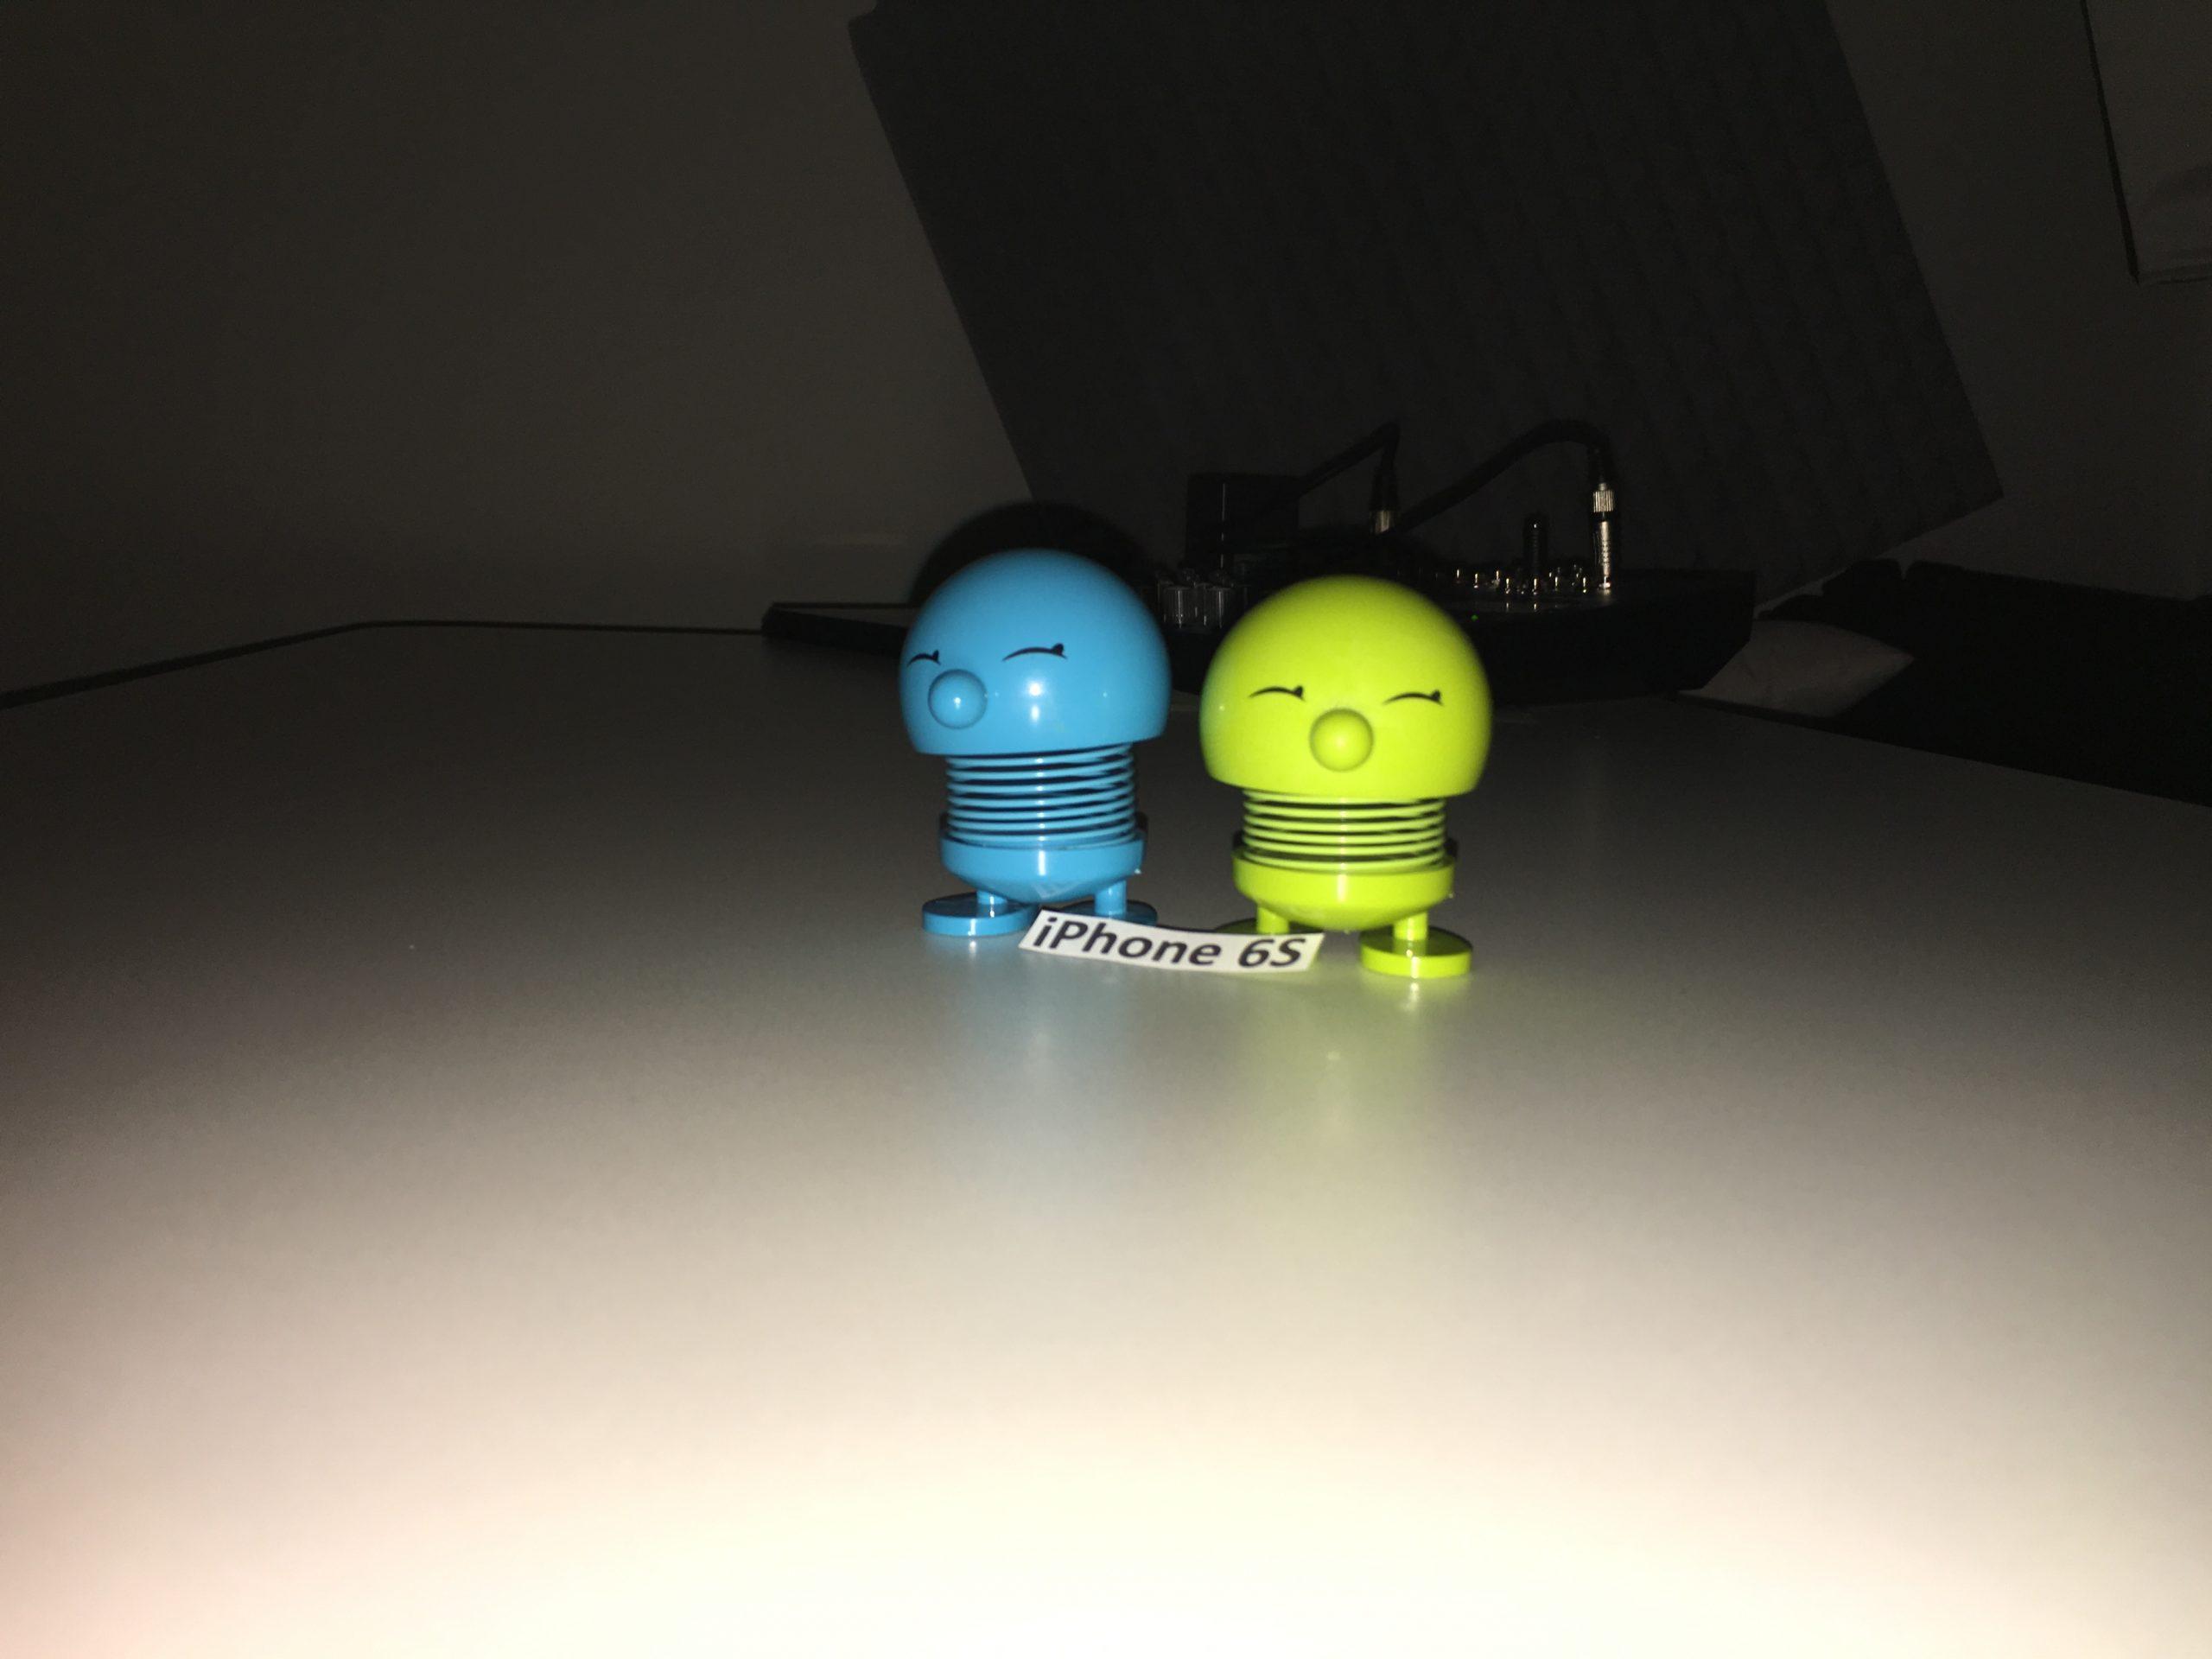 Foto taget med iPhone 6S i et mørkt rum med fotolys